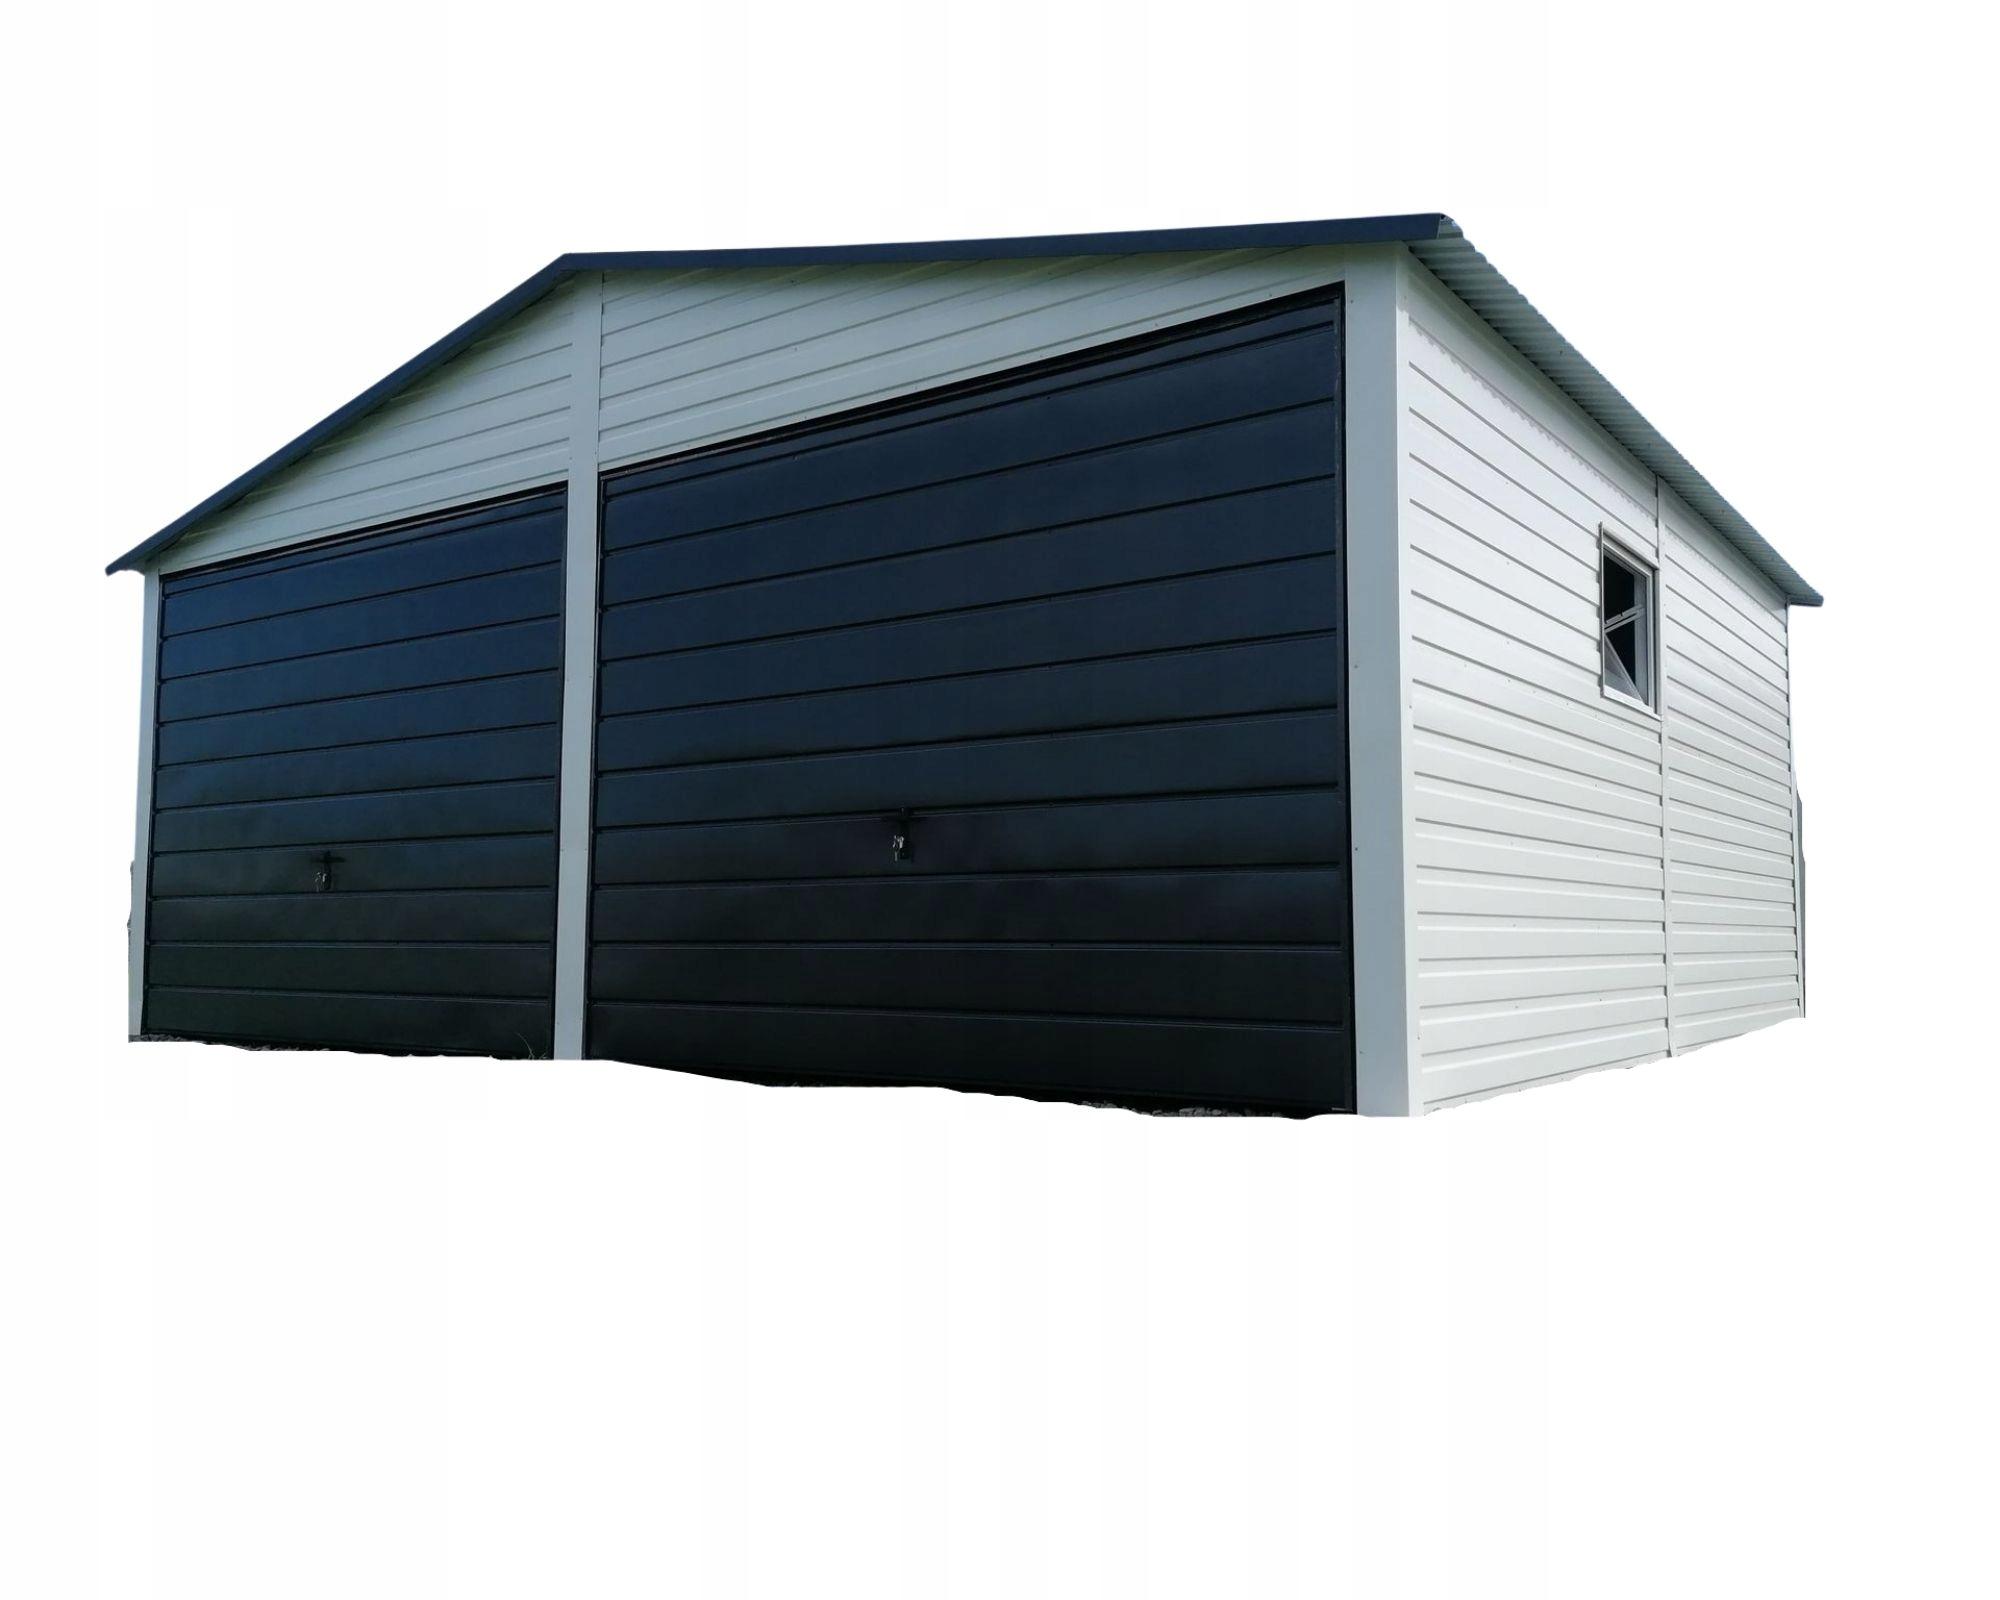 Жестяной гараж 6 х 5 белый + графит